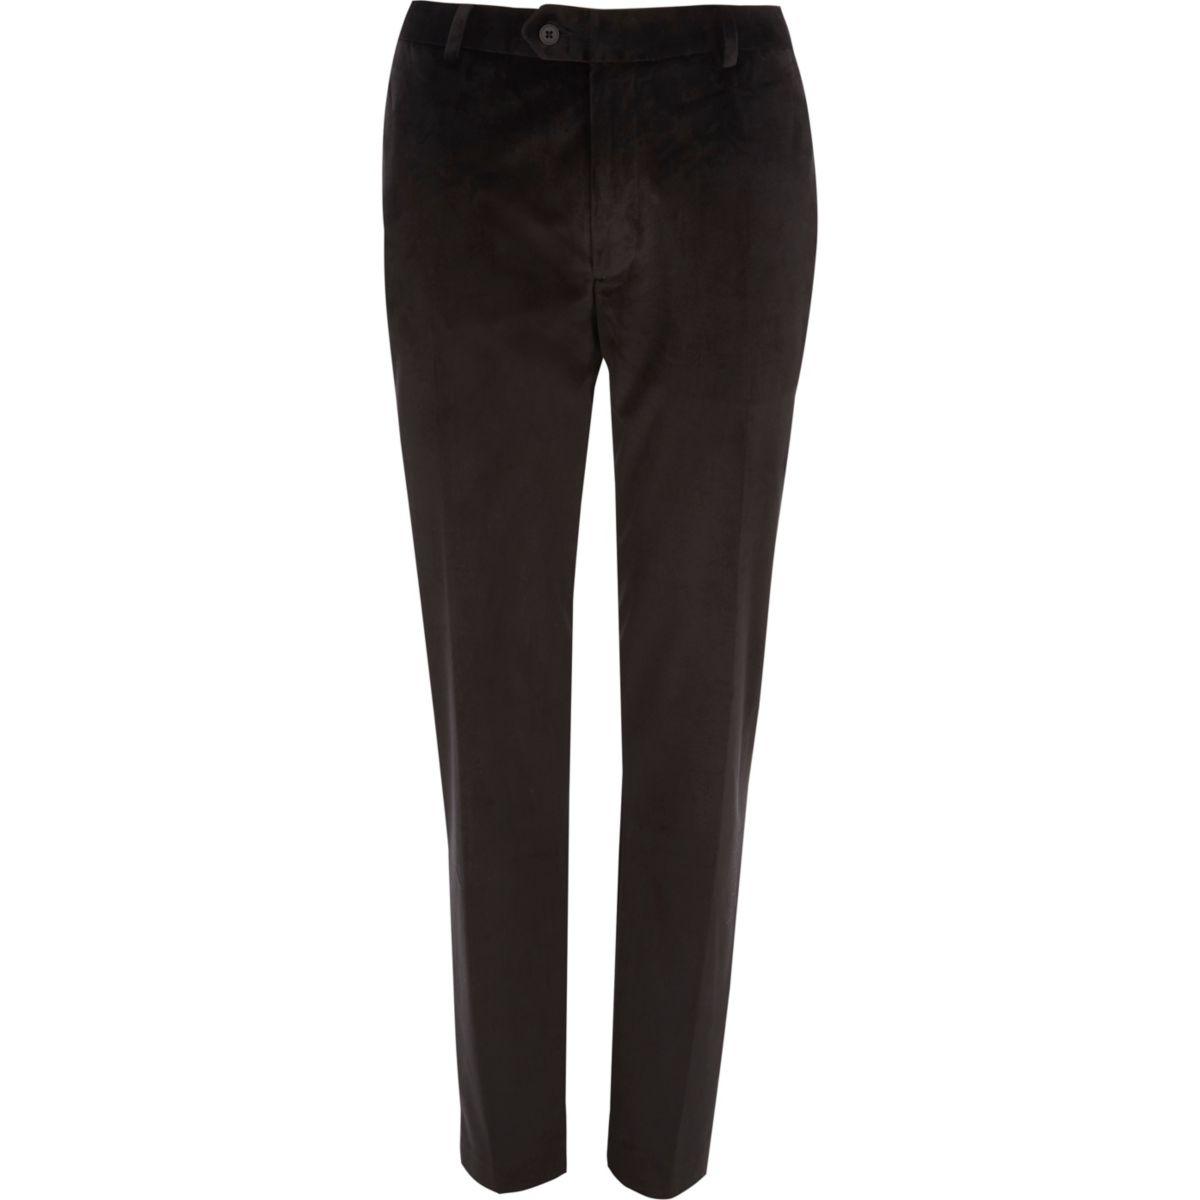 Black velvet skinny fit smart pants